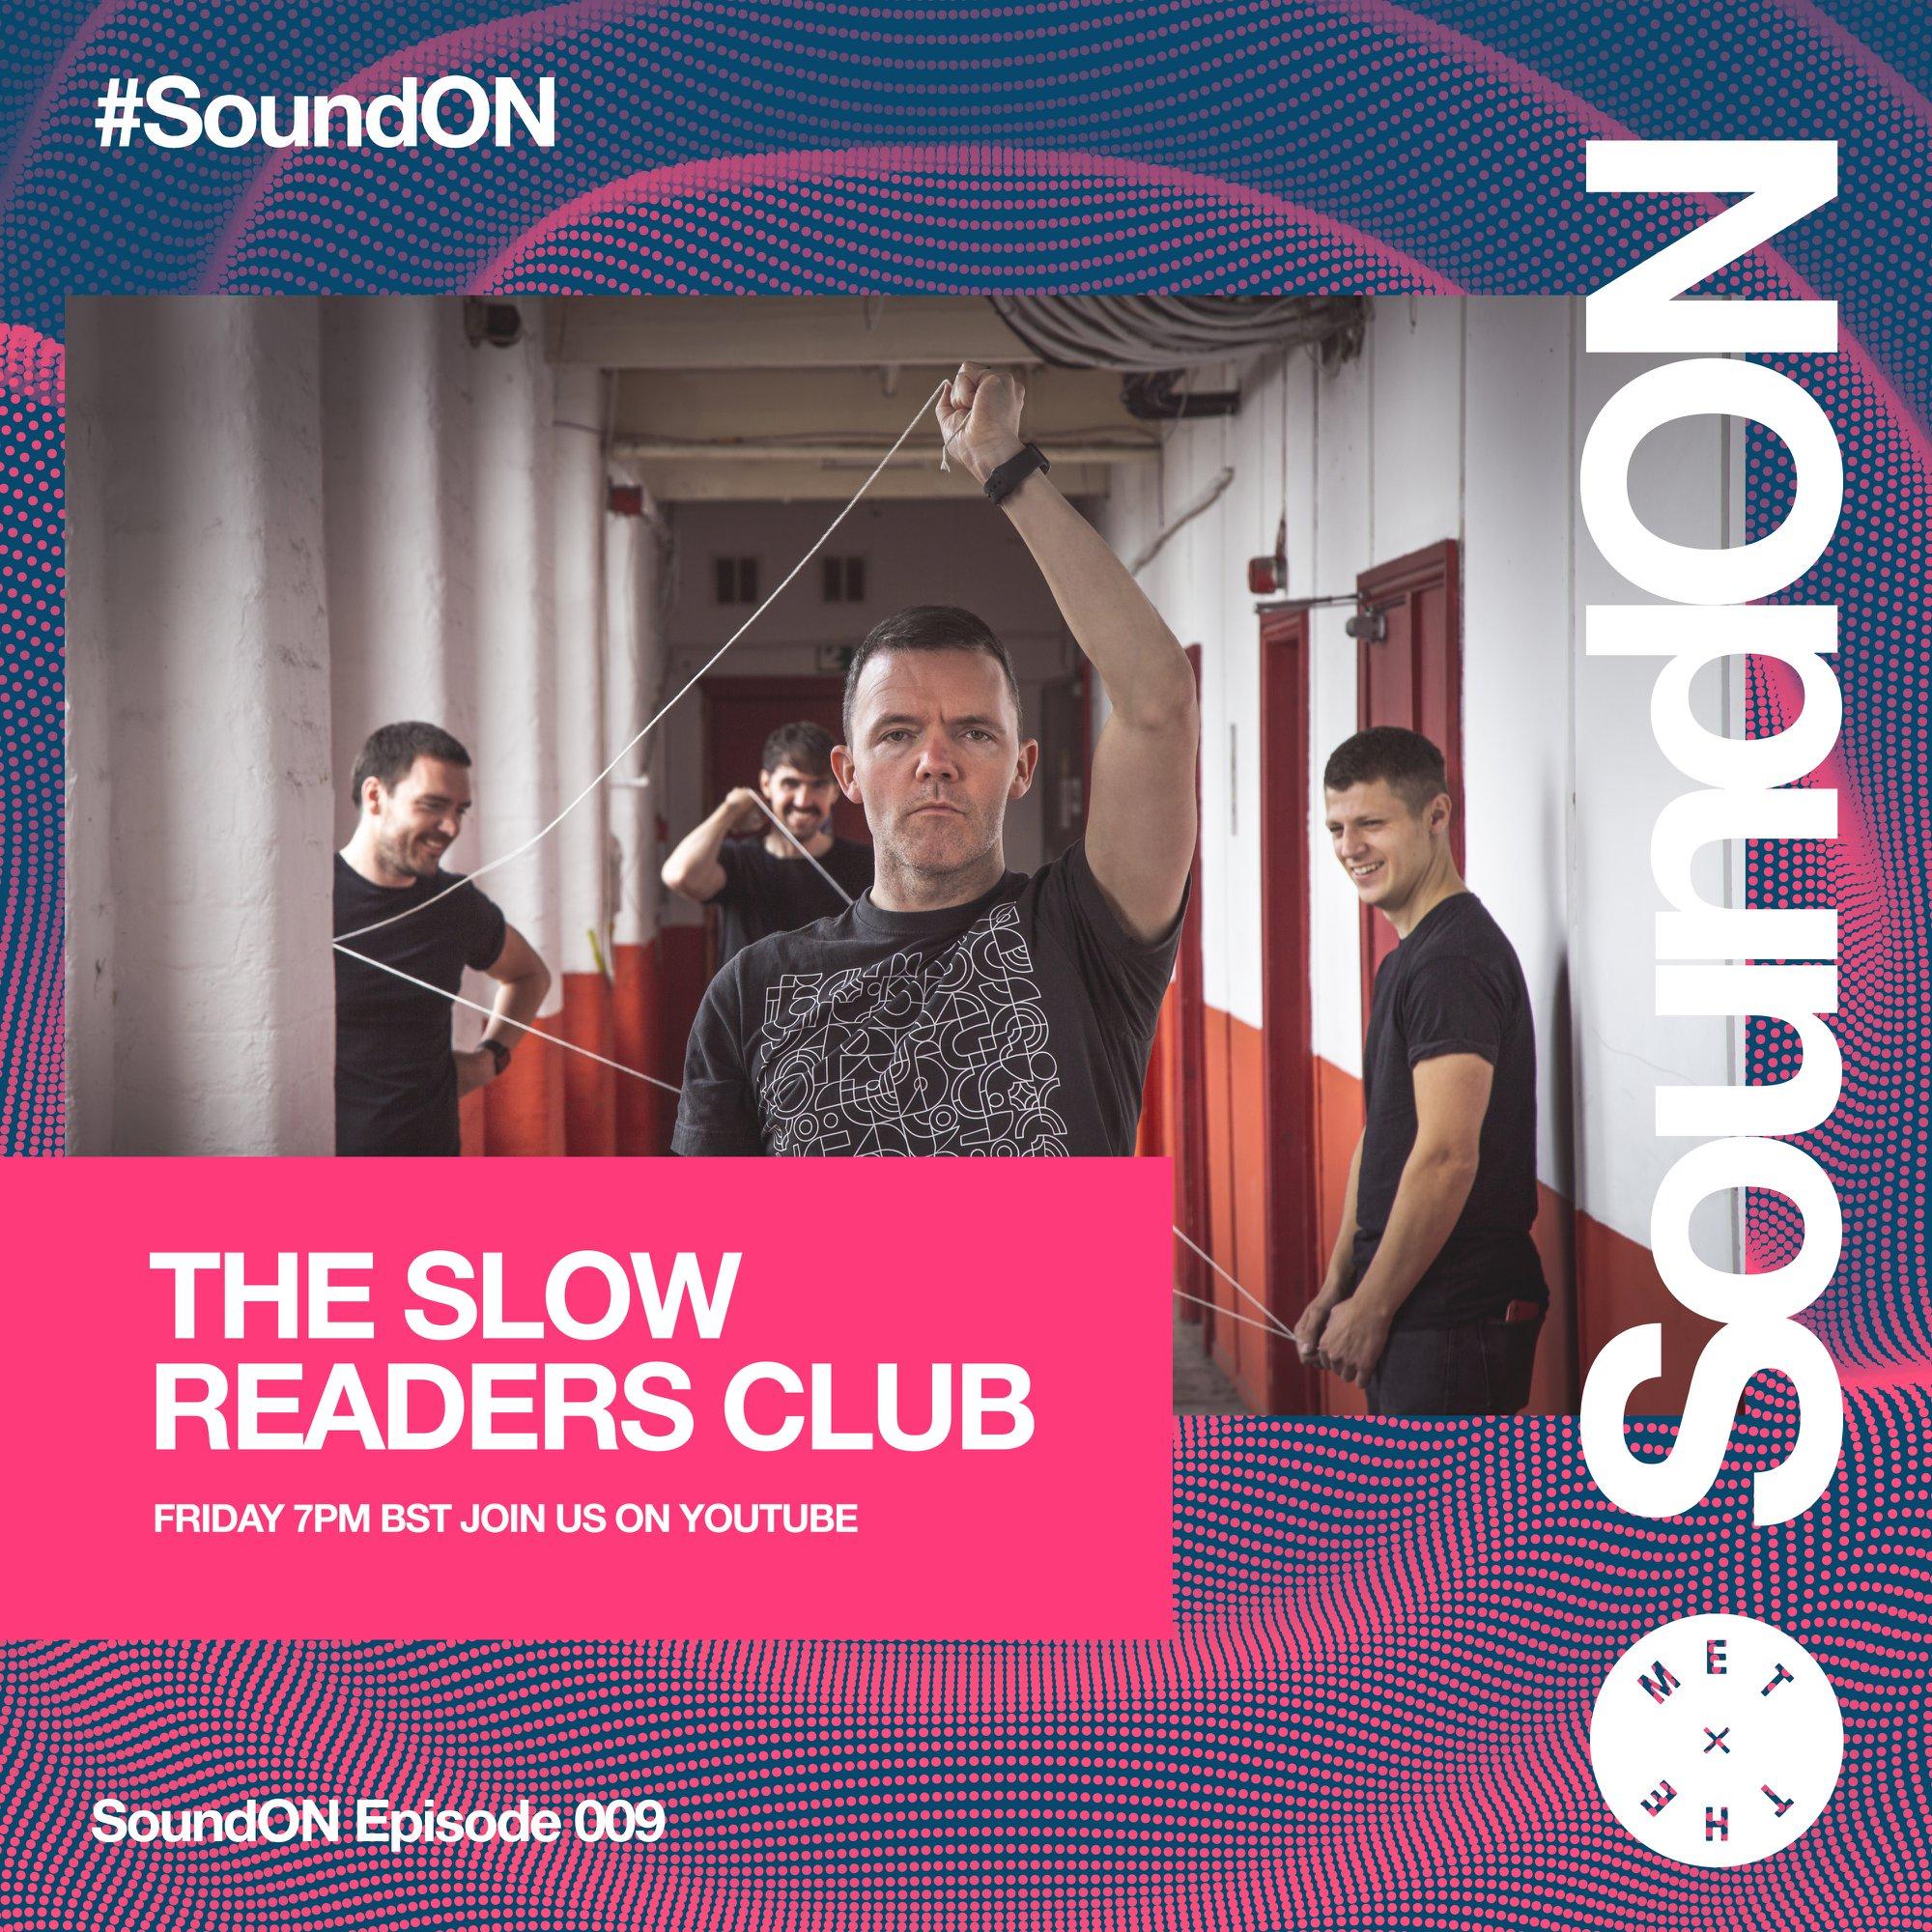 Le Live de la semaine – The Slow Readers Club – SoundON Session Bury Met – 21/05/21